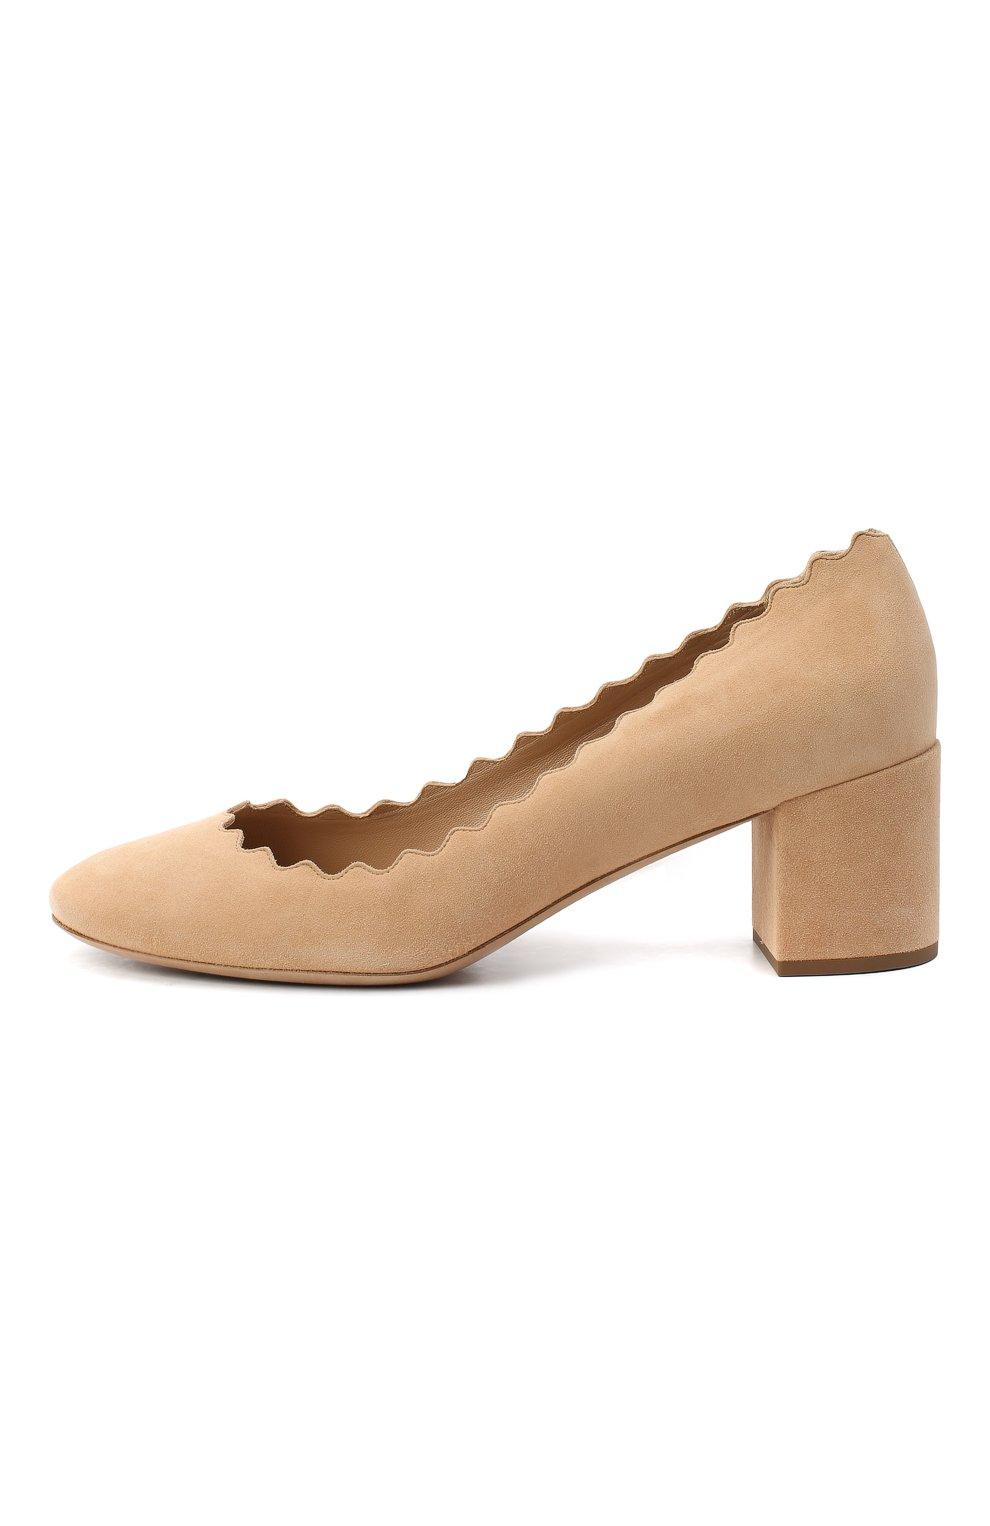 Замшевые туфли Lauren с фигурным вырезом   Фото №3